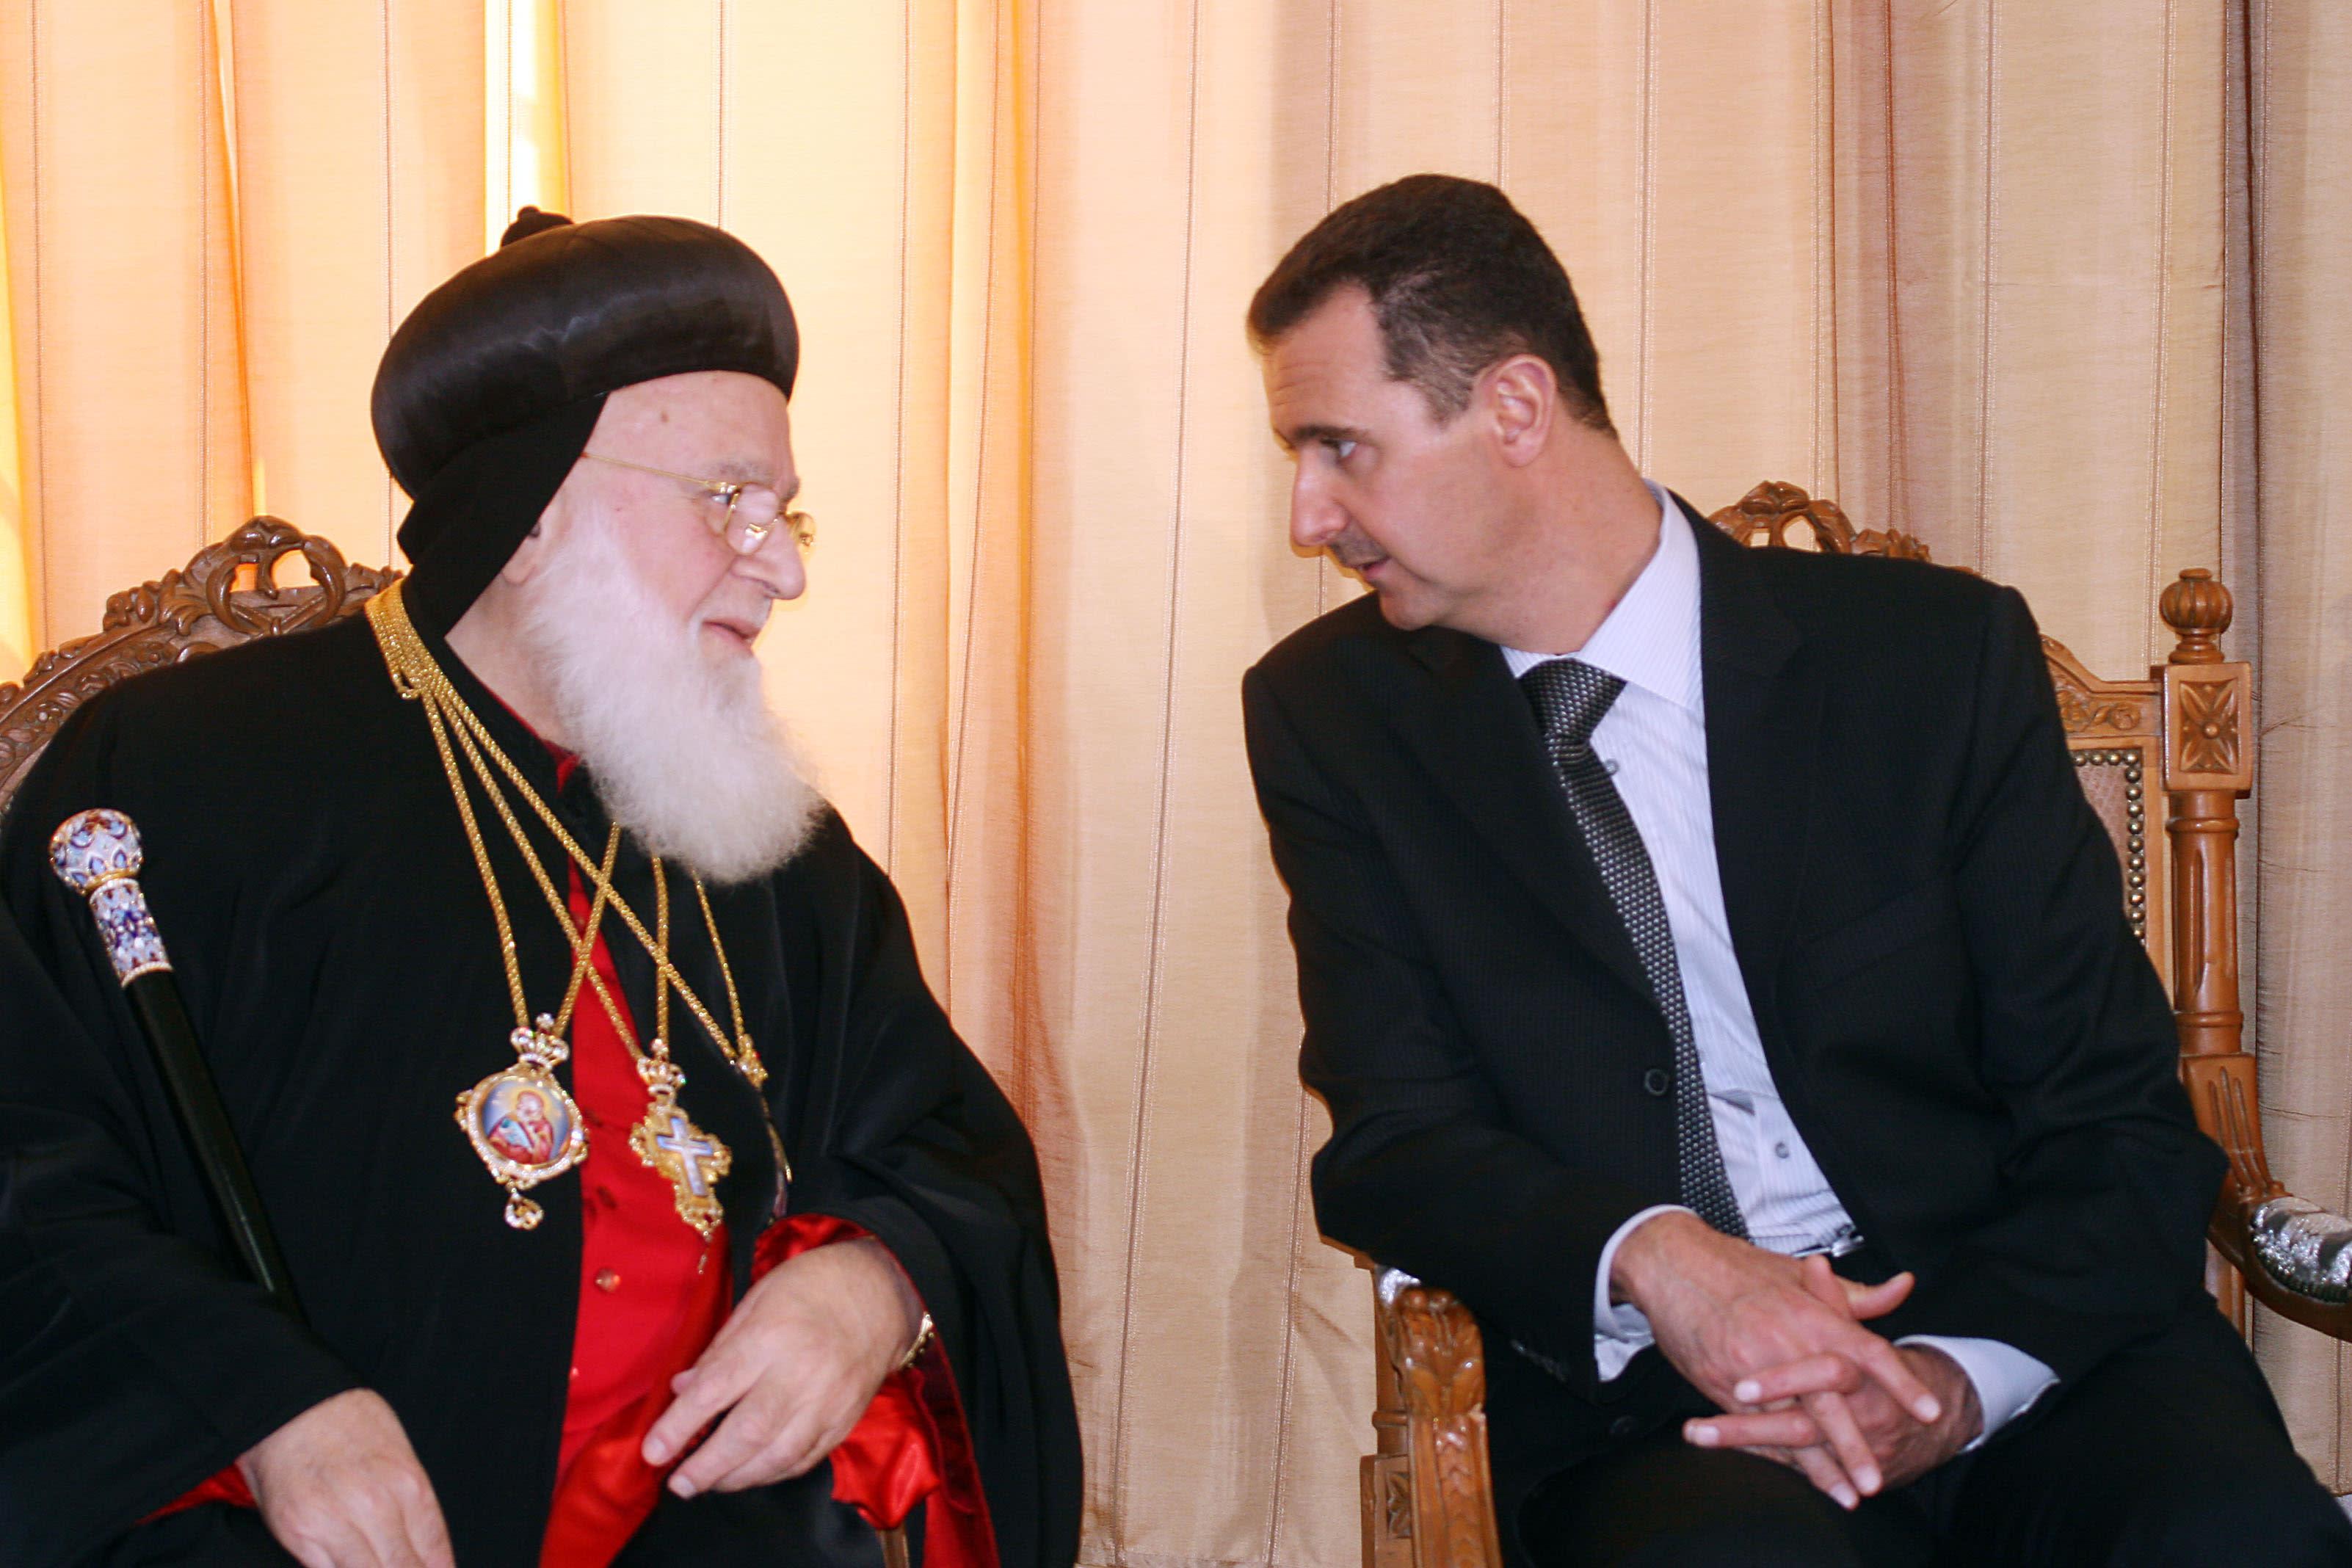 syriac orthodox The syriac orthodox church (syriac: ܥܺܕܬܳܐ ܣܽܘ̣ܪܝܳܝܬܳܐ ܬܪܺܝܨܰܬ ܫܽܘ̣ܒ̥ܚܳܐ  ),  also known as the syrian orthodox church of antioch, is an autocephalous.